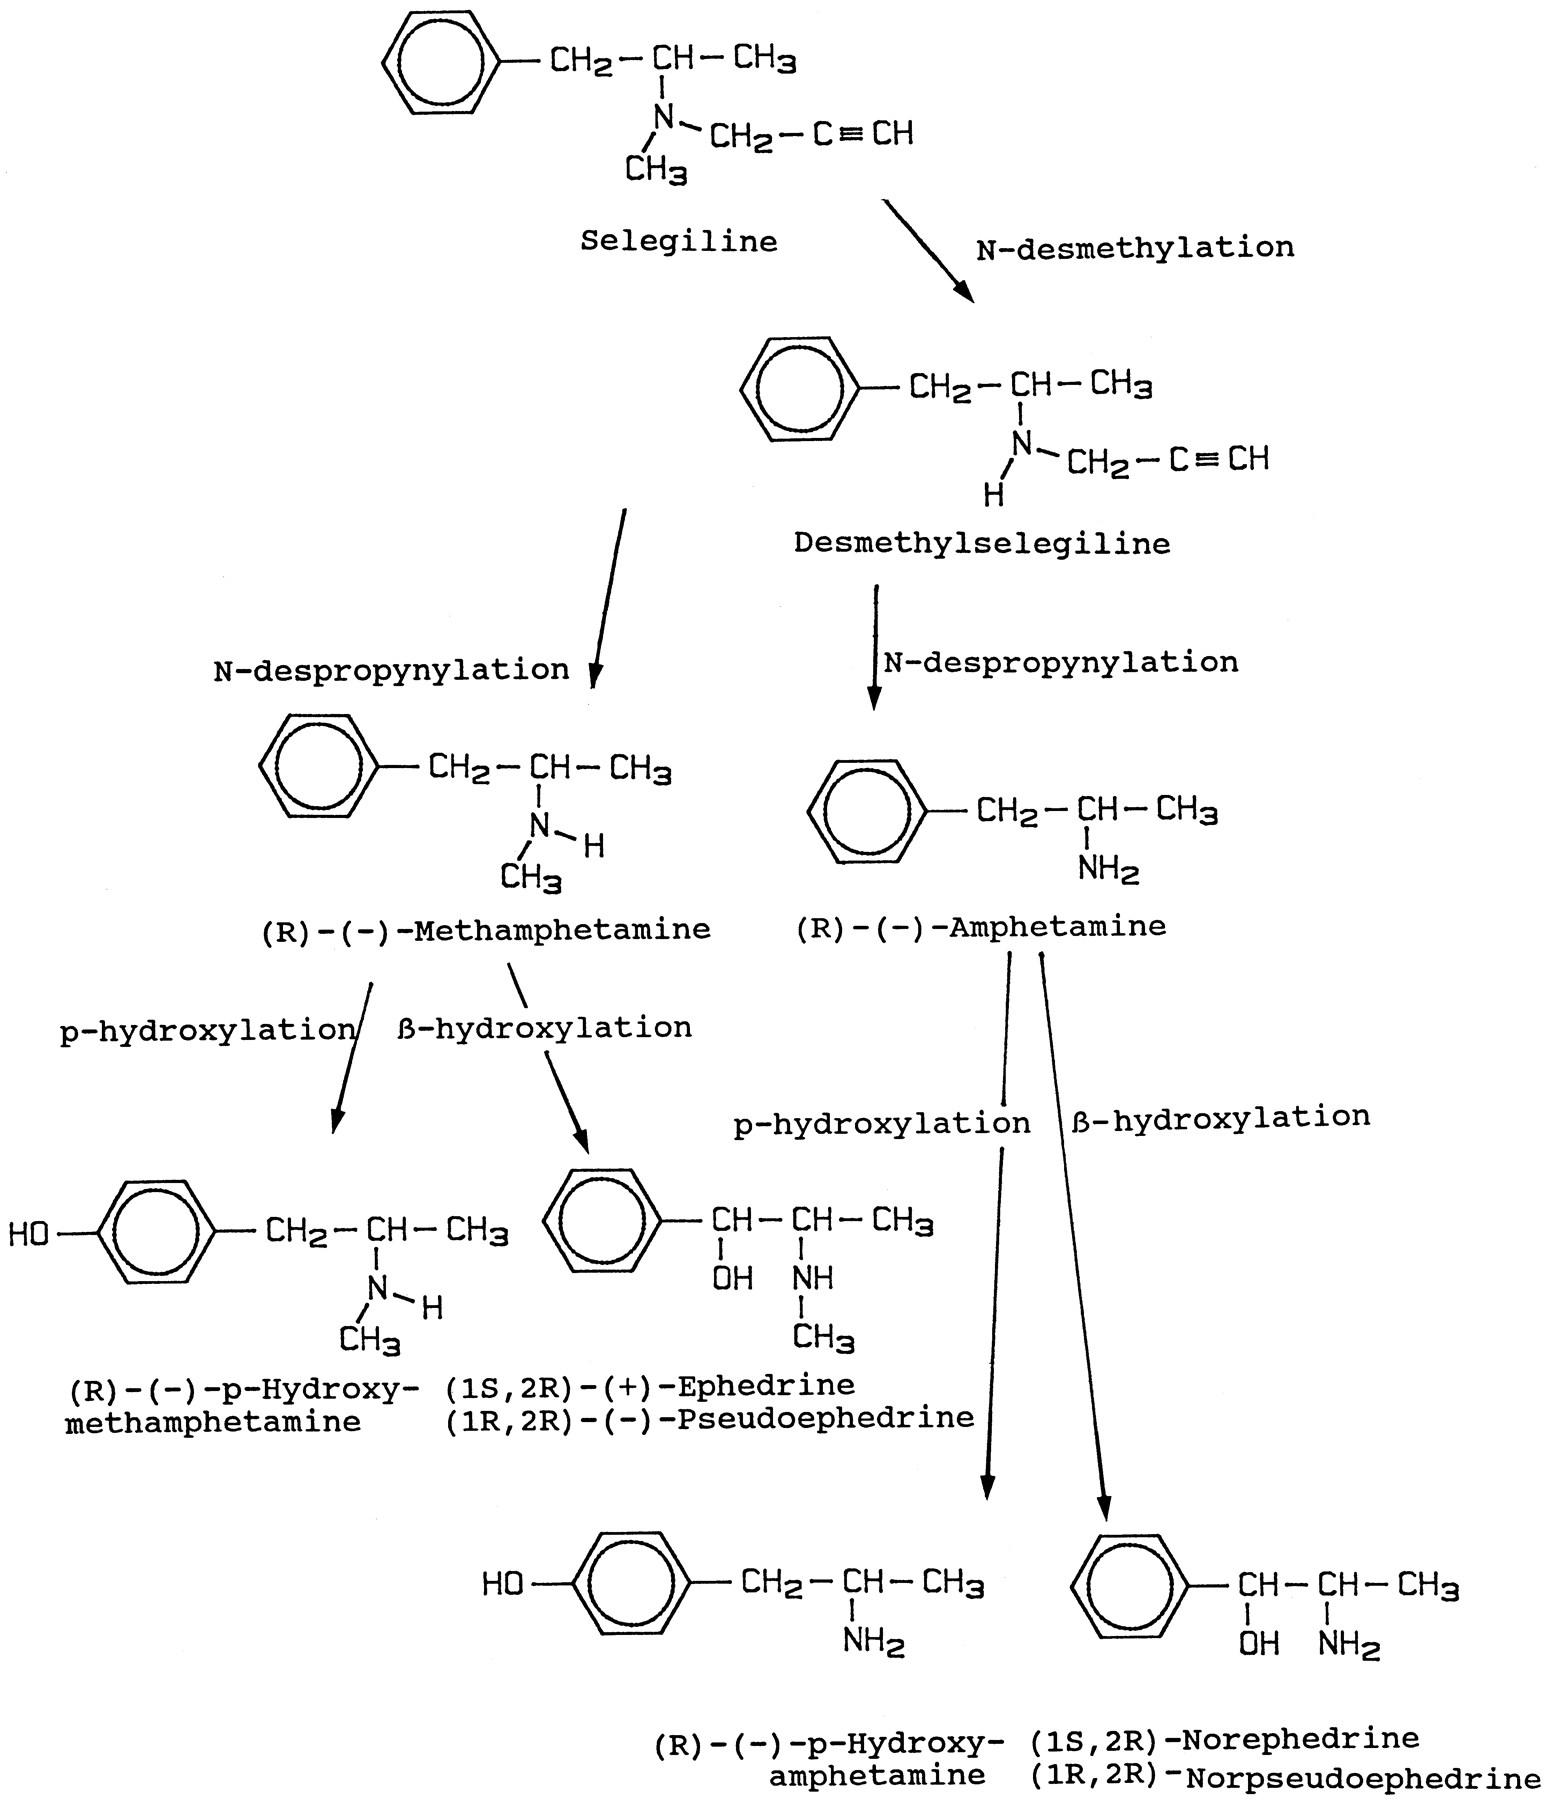 Metabolism of Selegiline in Humans | Drug Metabolism